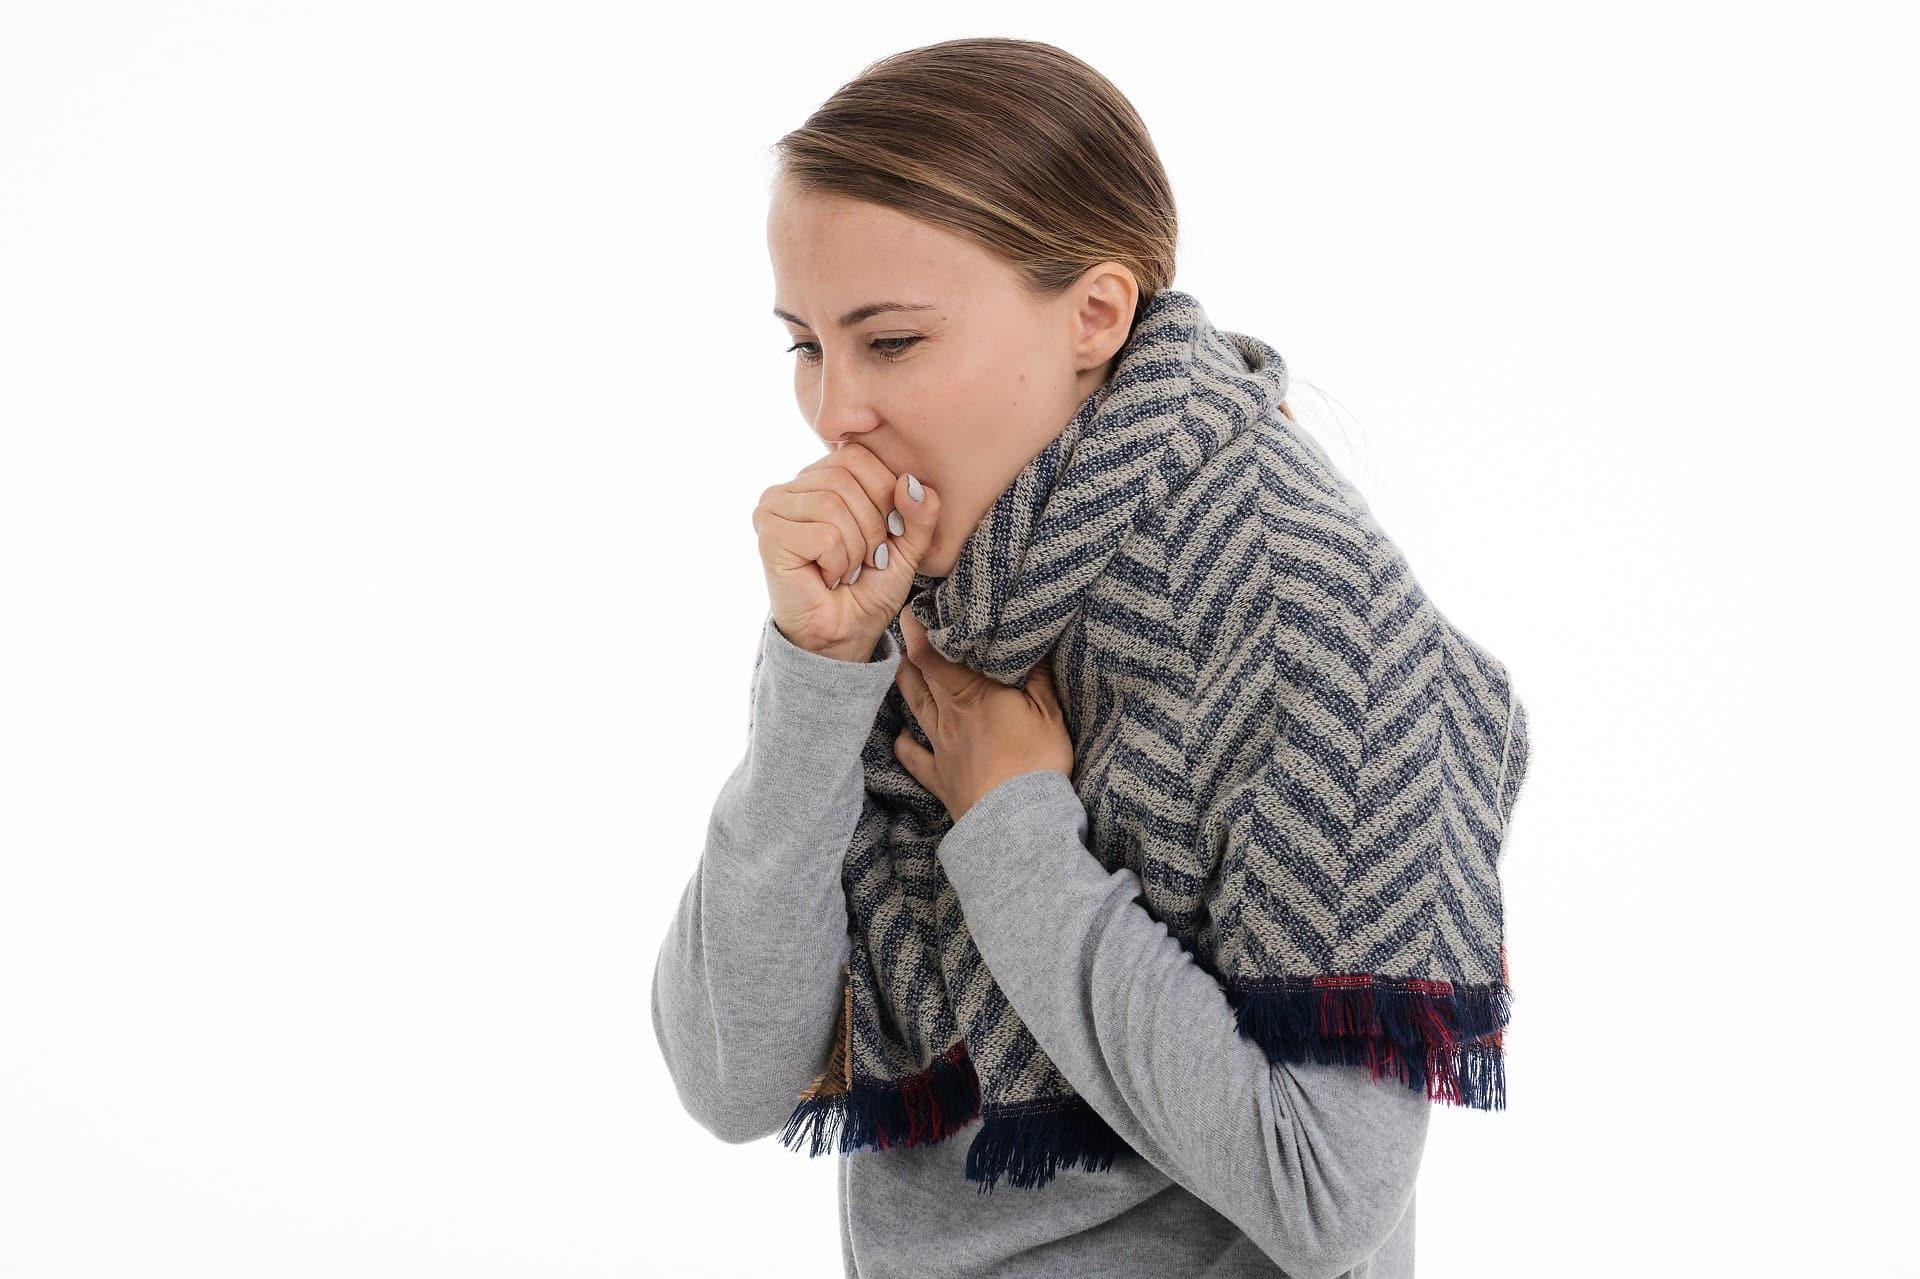 A형 독감 증상과 발현